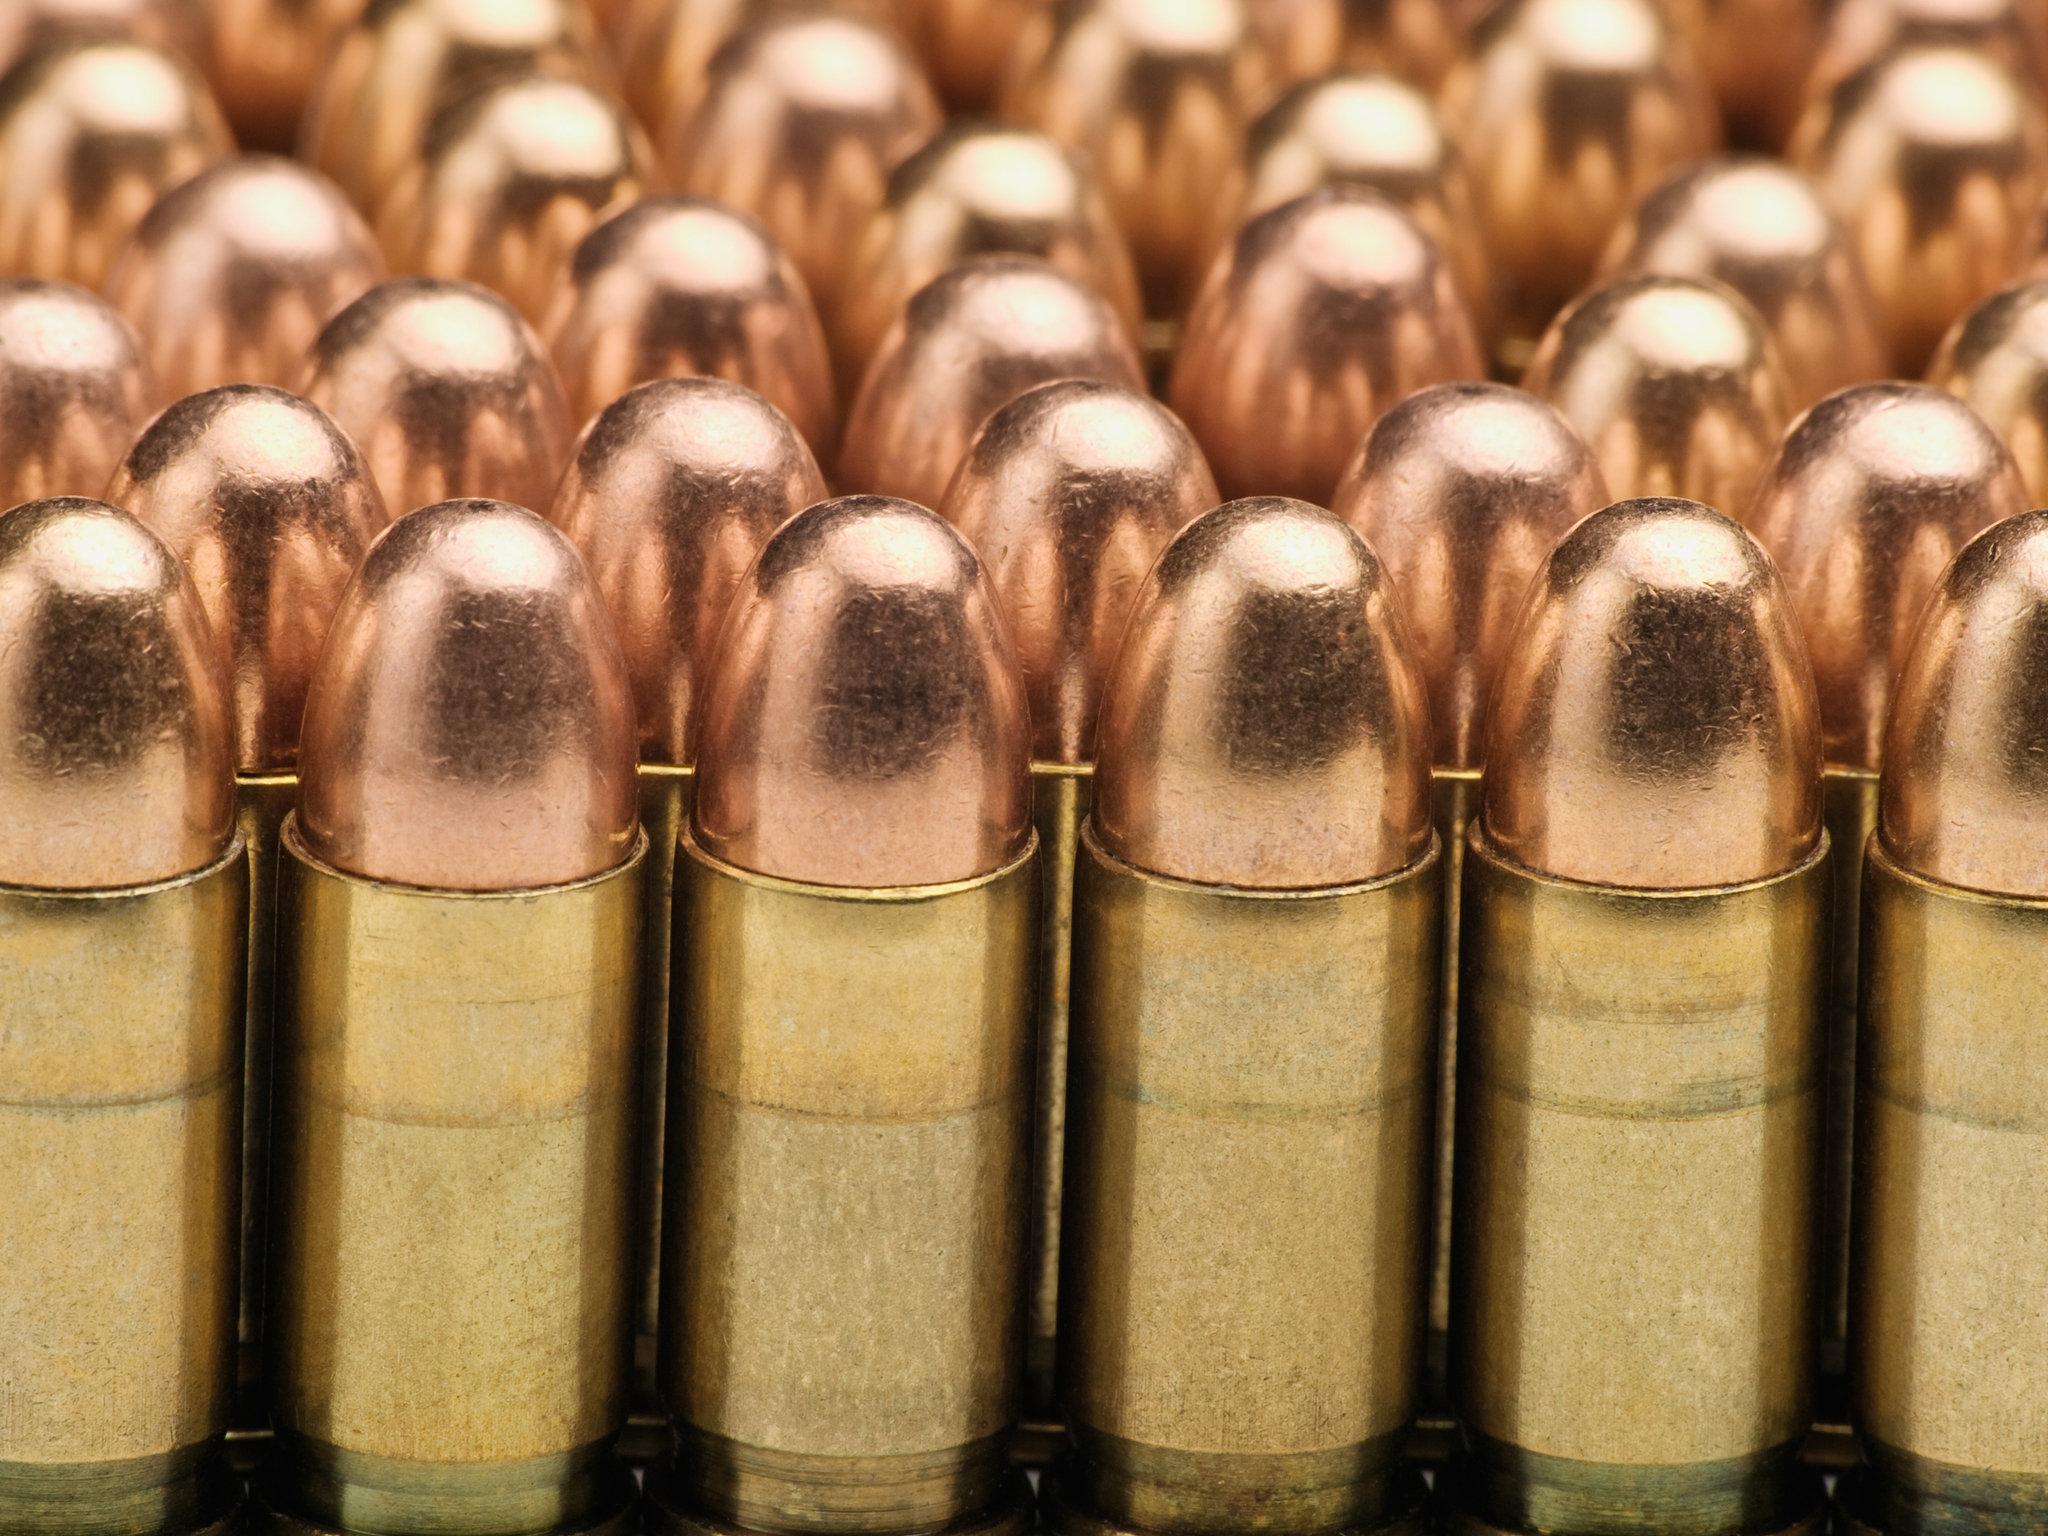 bullets-art-4579c4fea372d84c.jpg